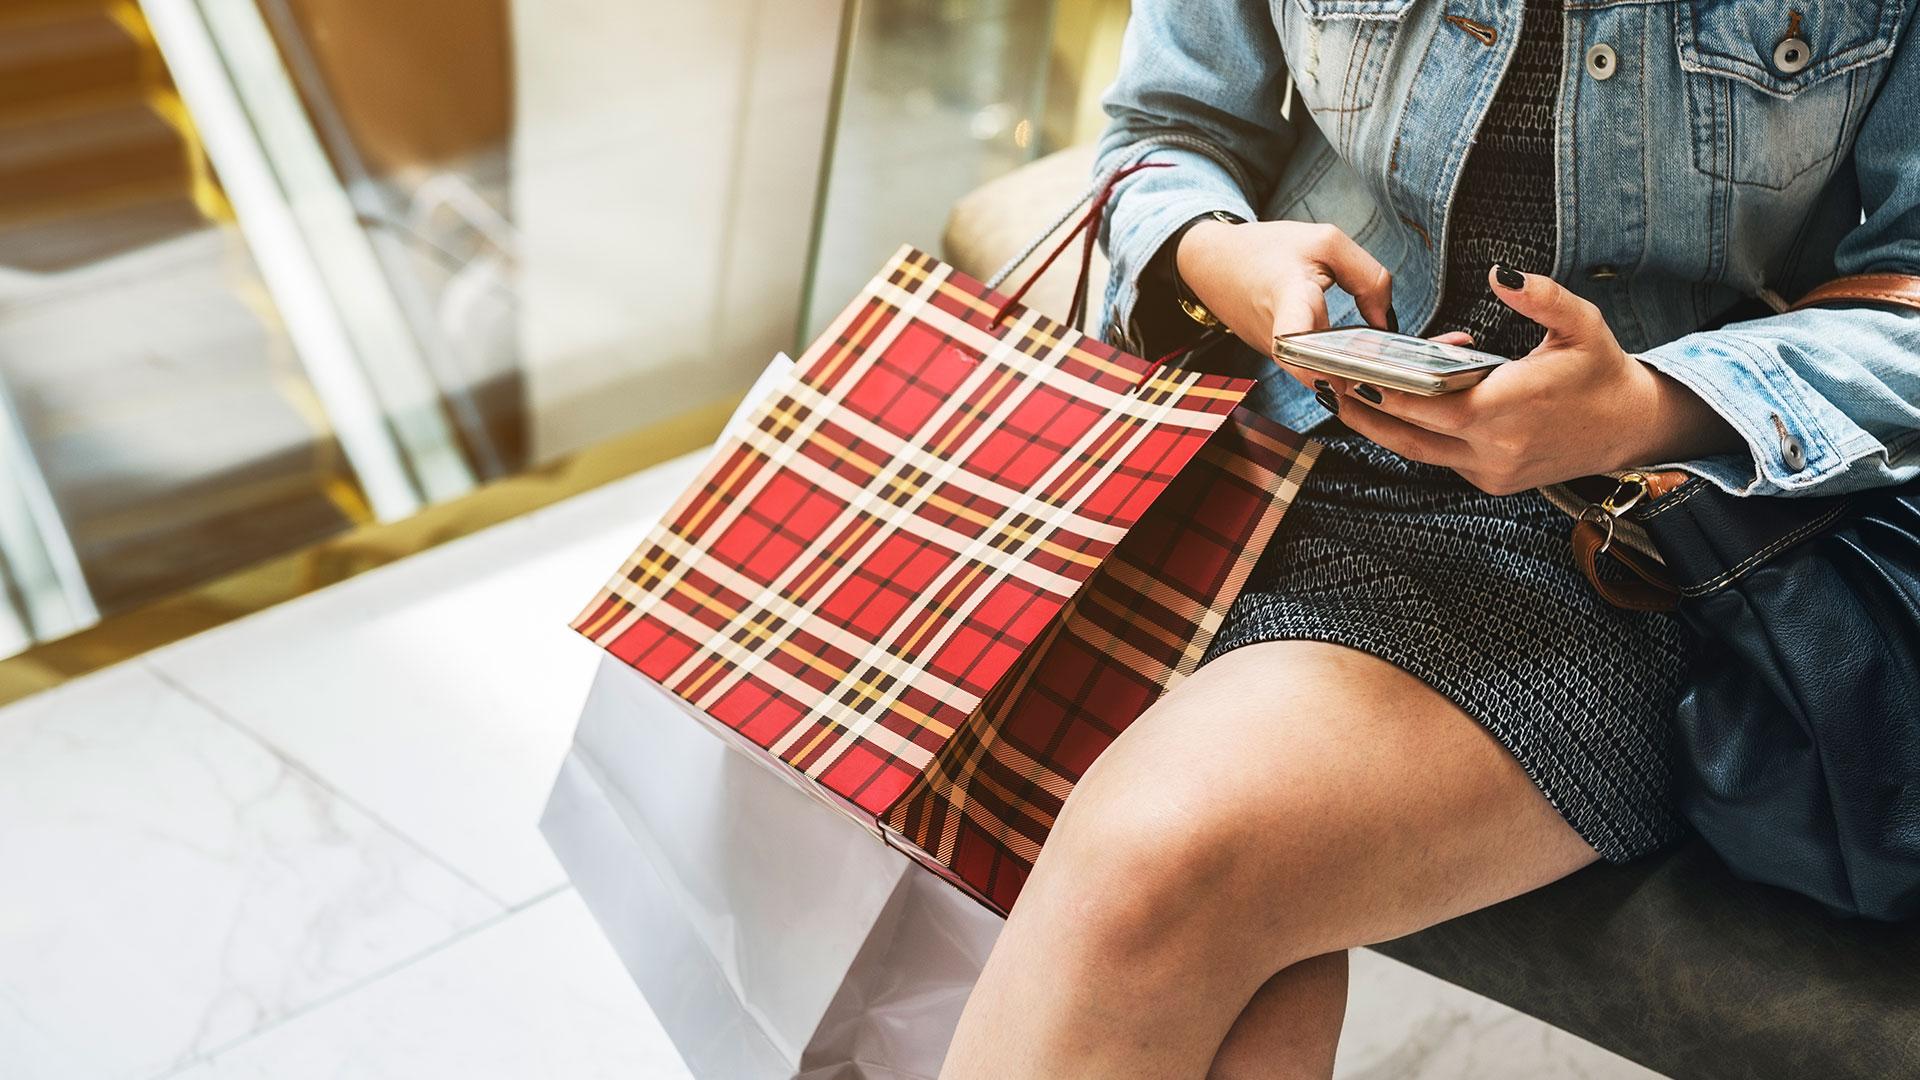 Vigência da LGPD permite maior controle do consumidor sobre seus dados online.